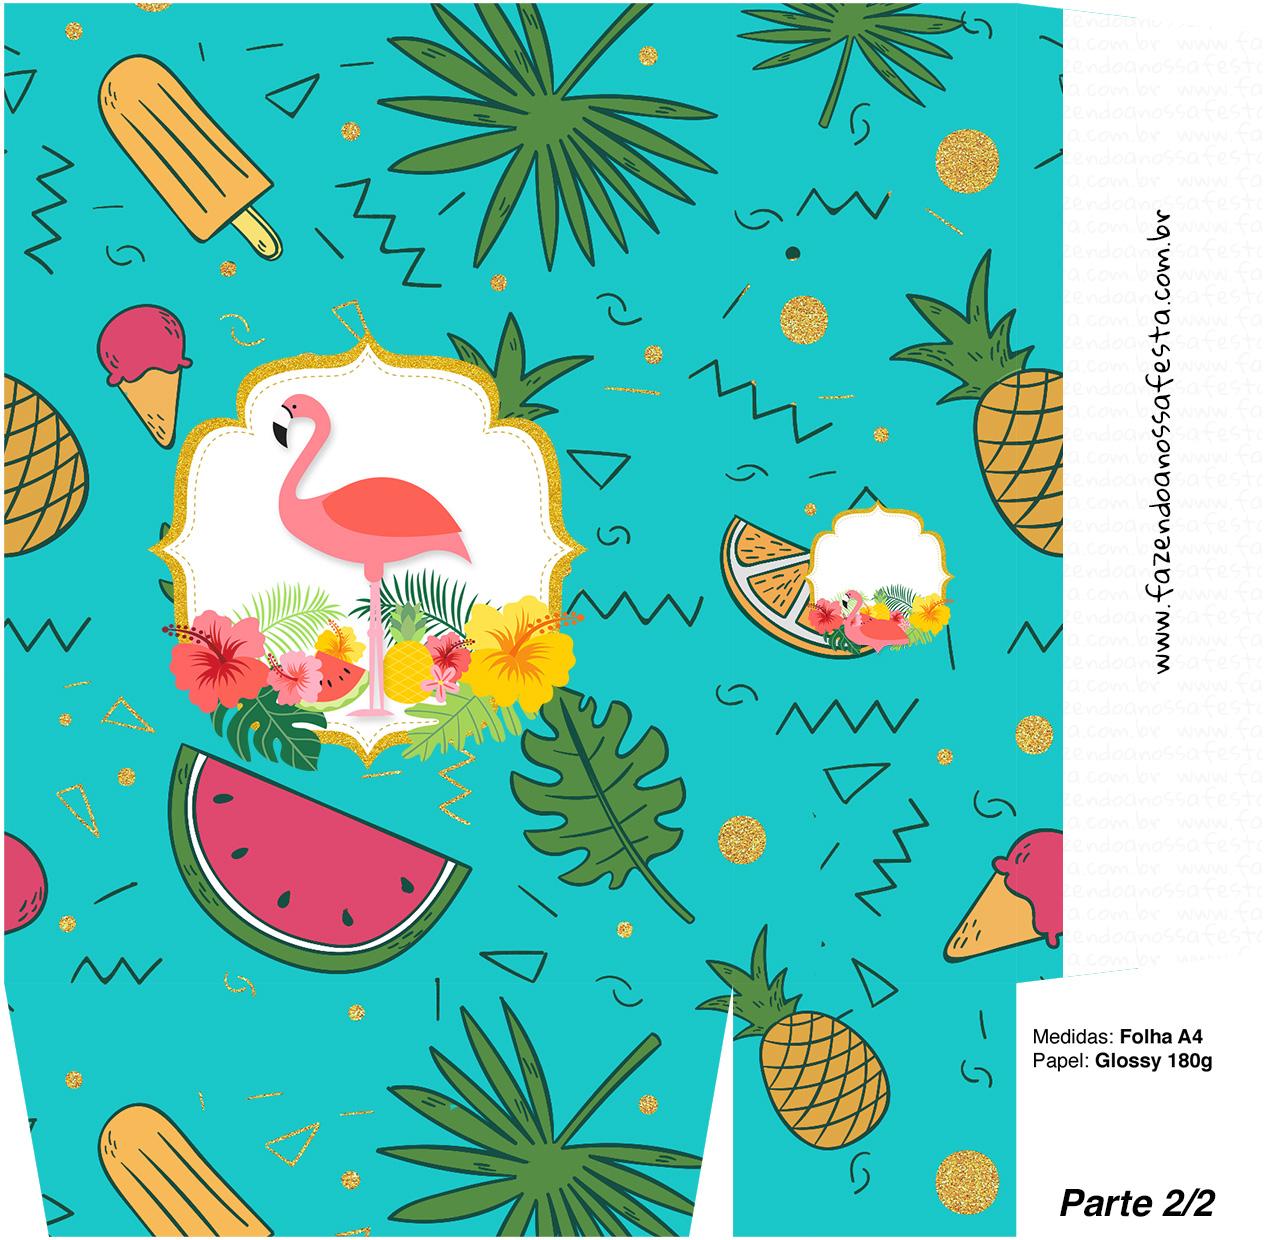 Sacolinha Surpresa 2 2 Flamingo Tropical Kit Festa Fazendo A